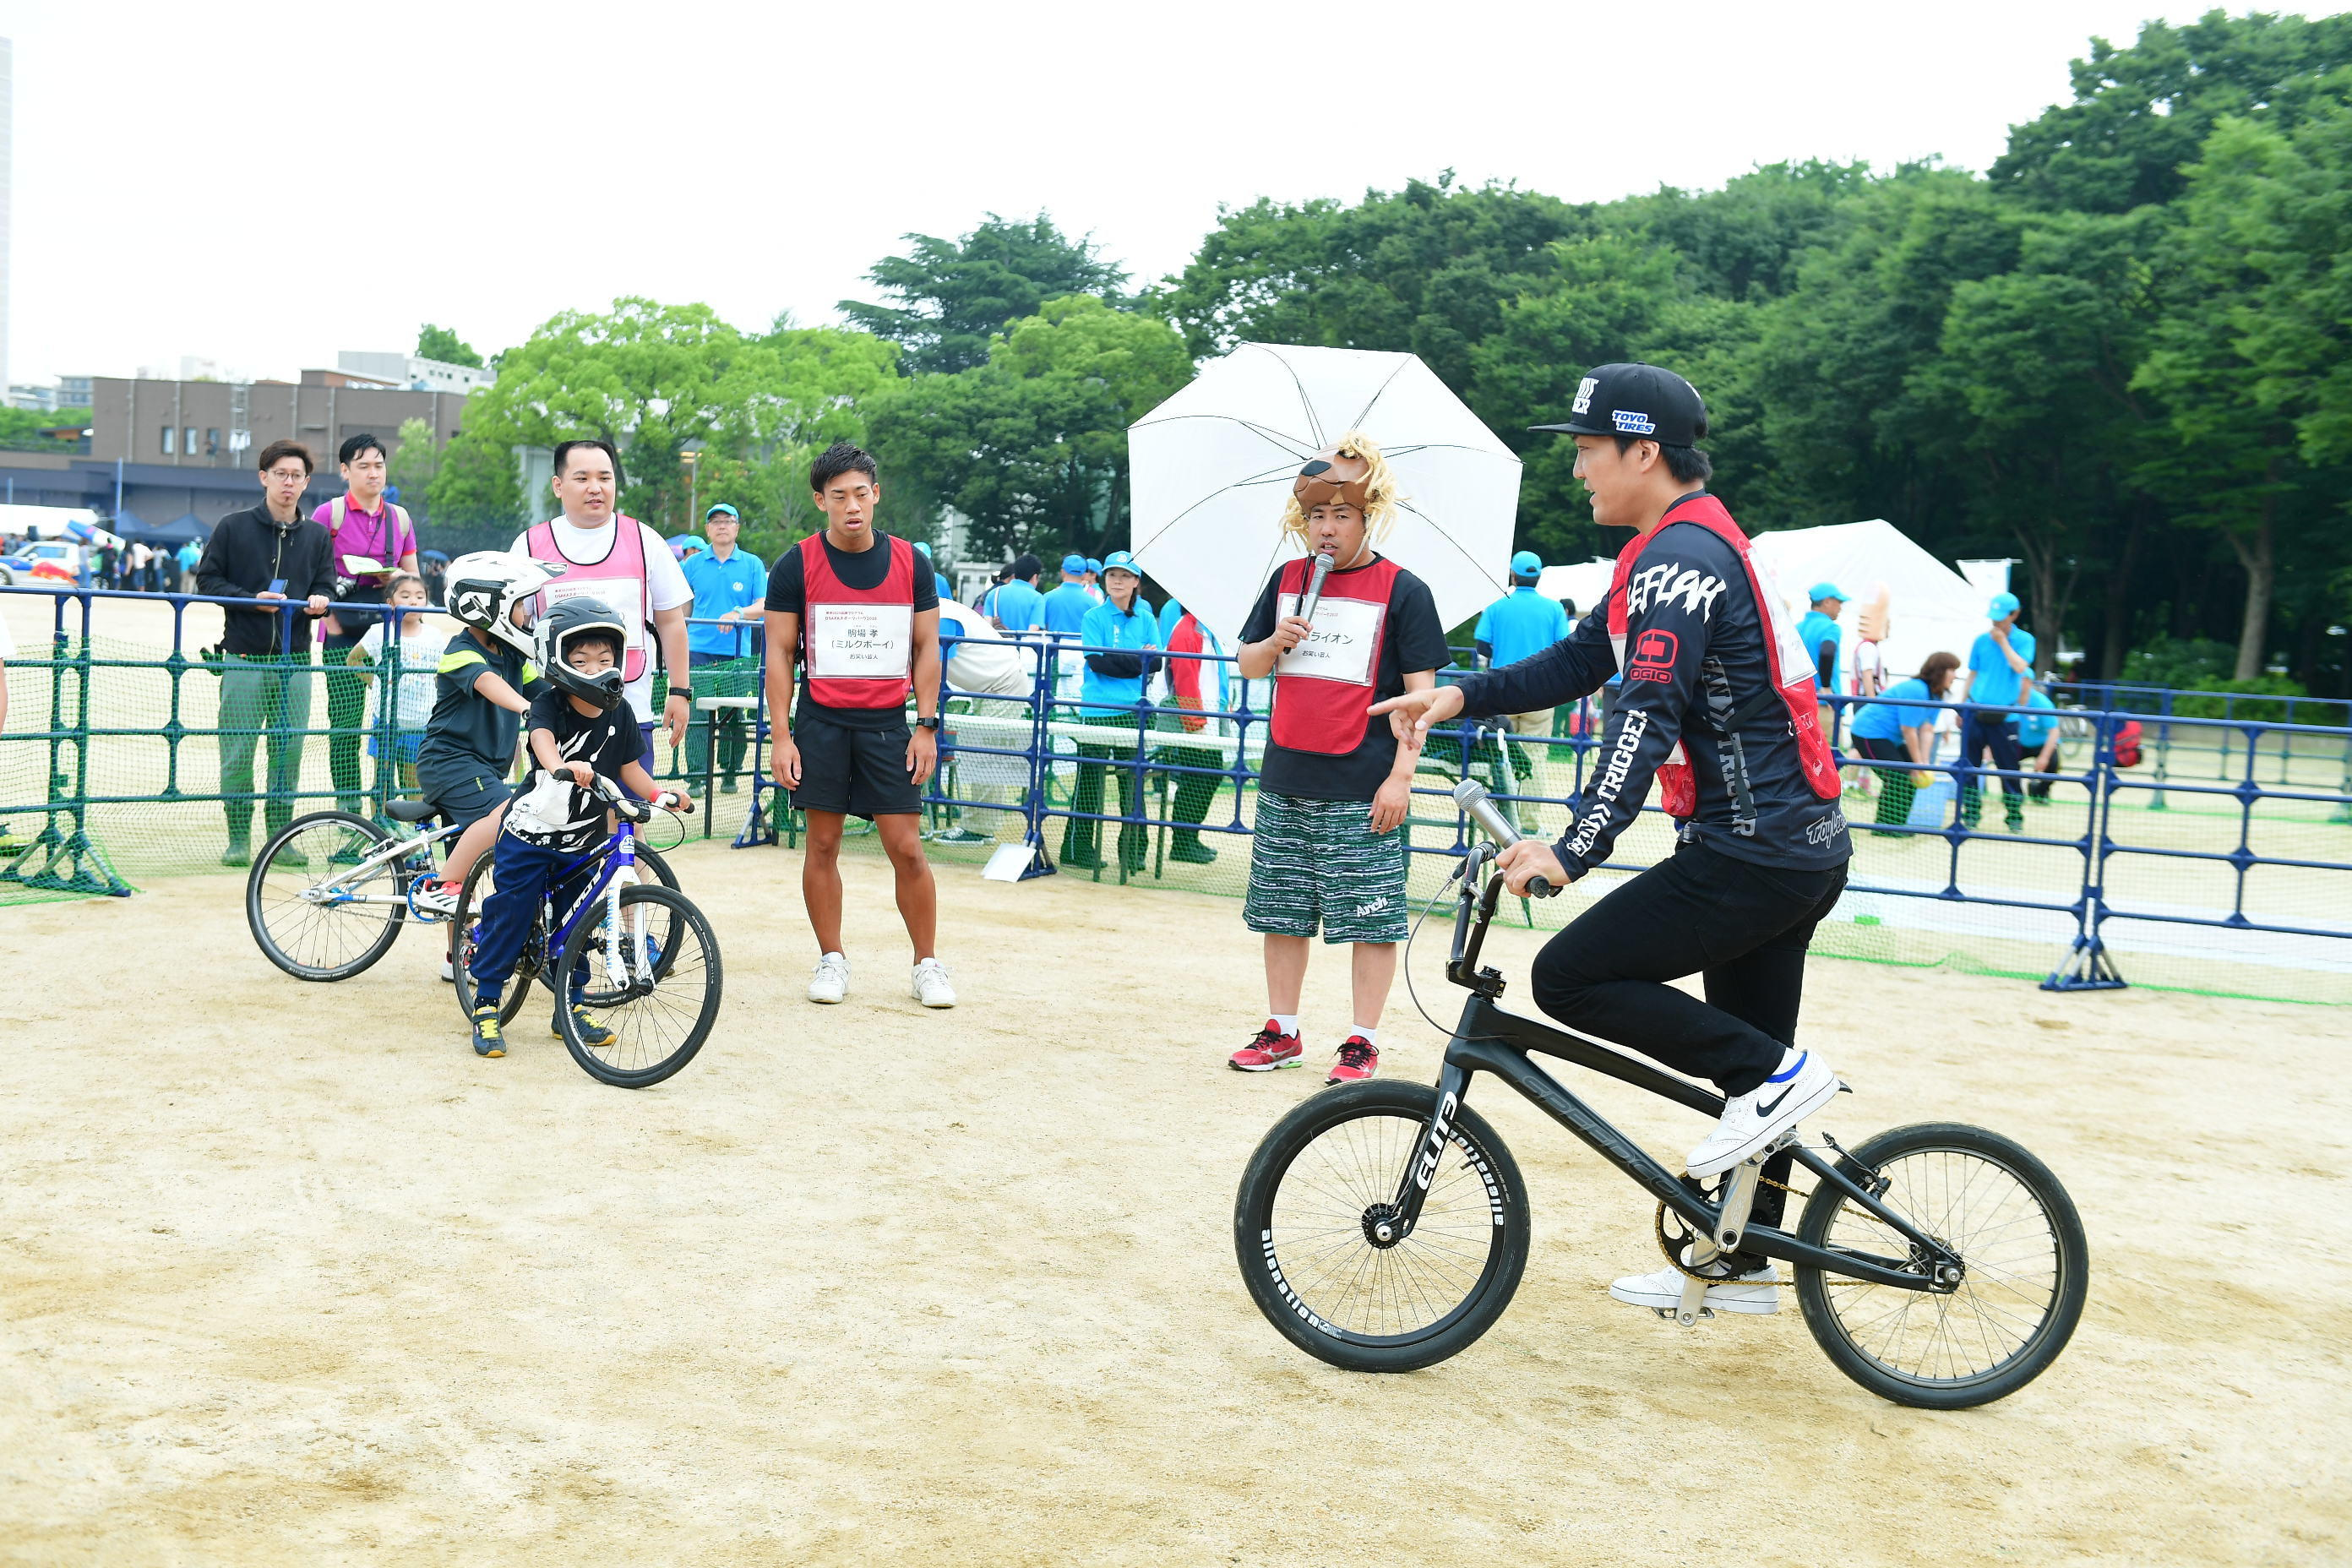 http://news.yoshimoto.co.jp/20180612160756-8db3e04c6f301cc4f530182d4fd7bb91d8f7766e.jpg